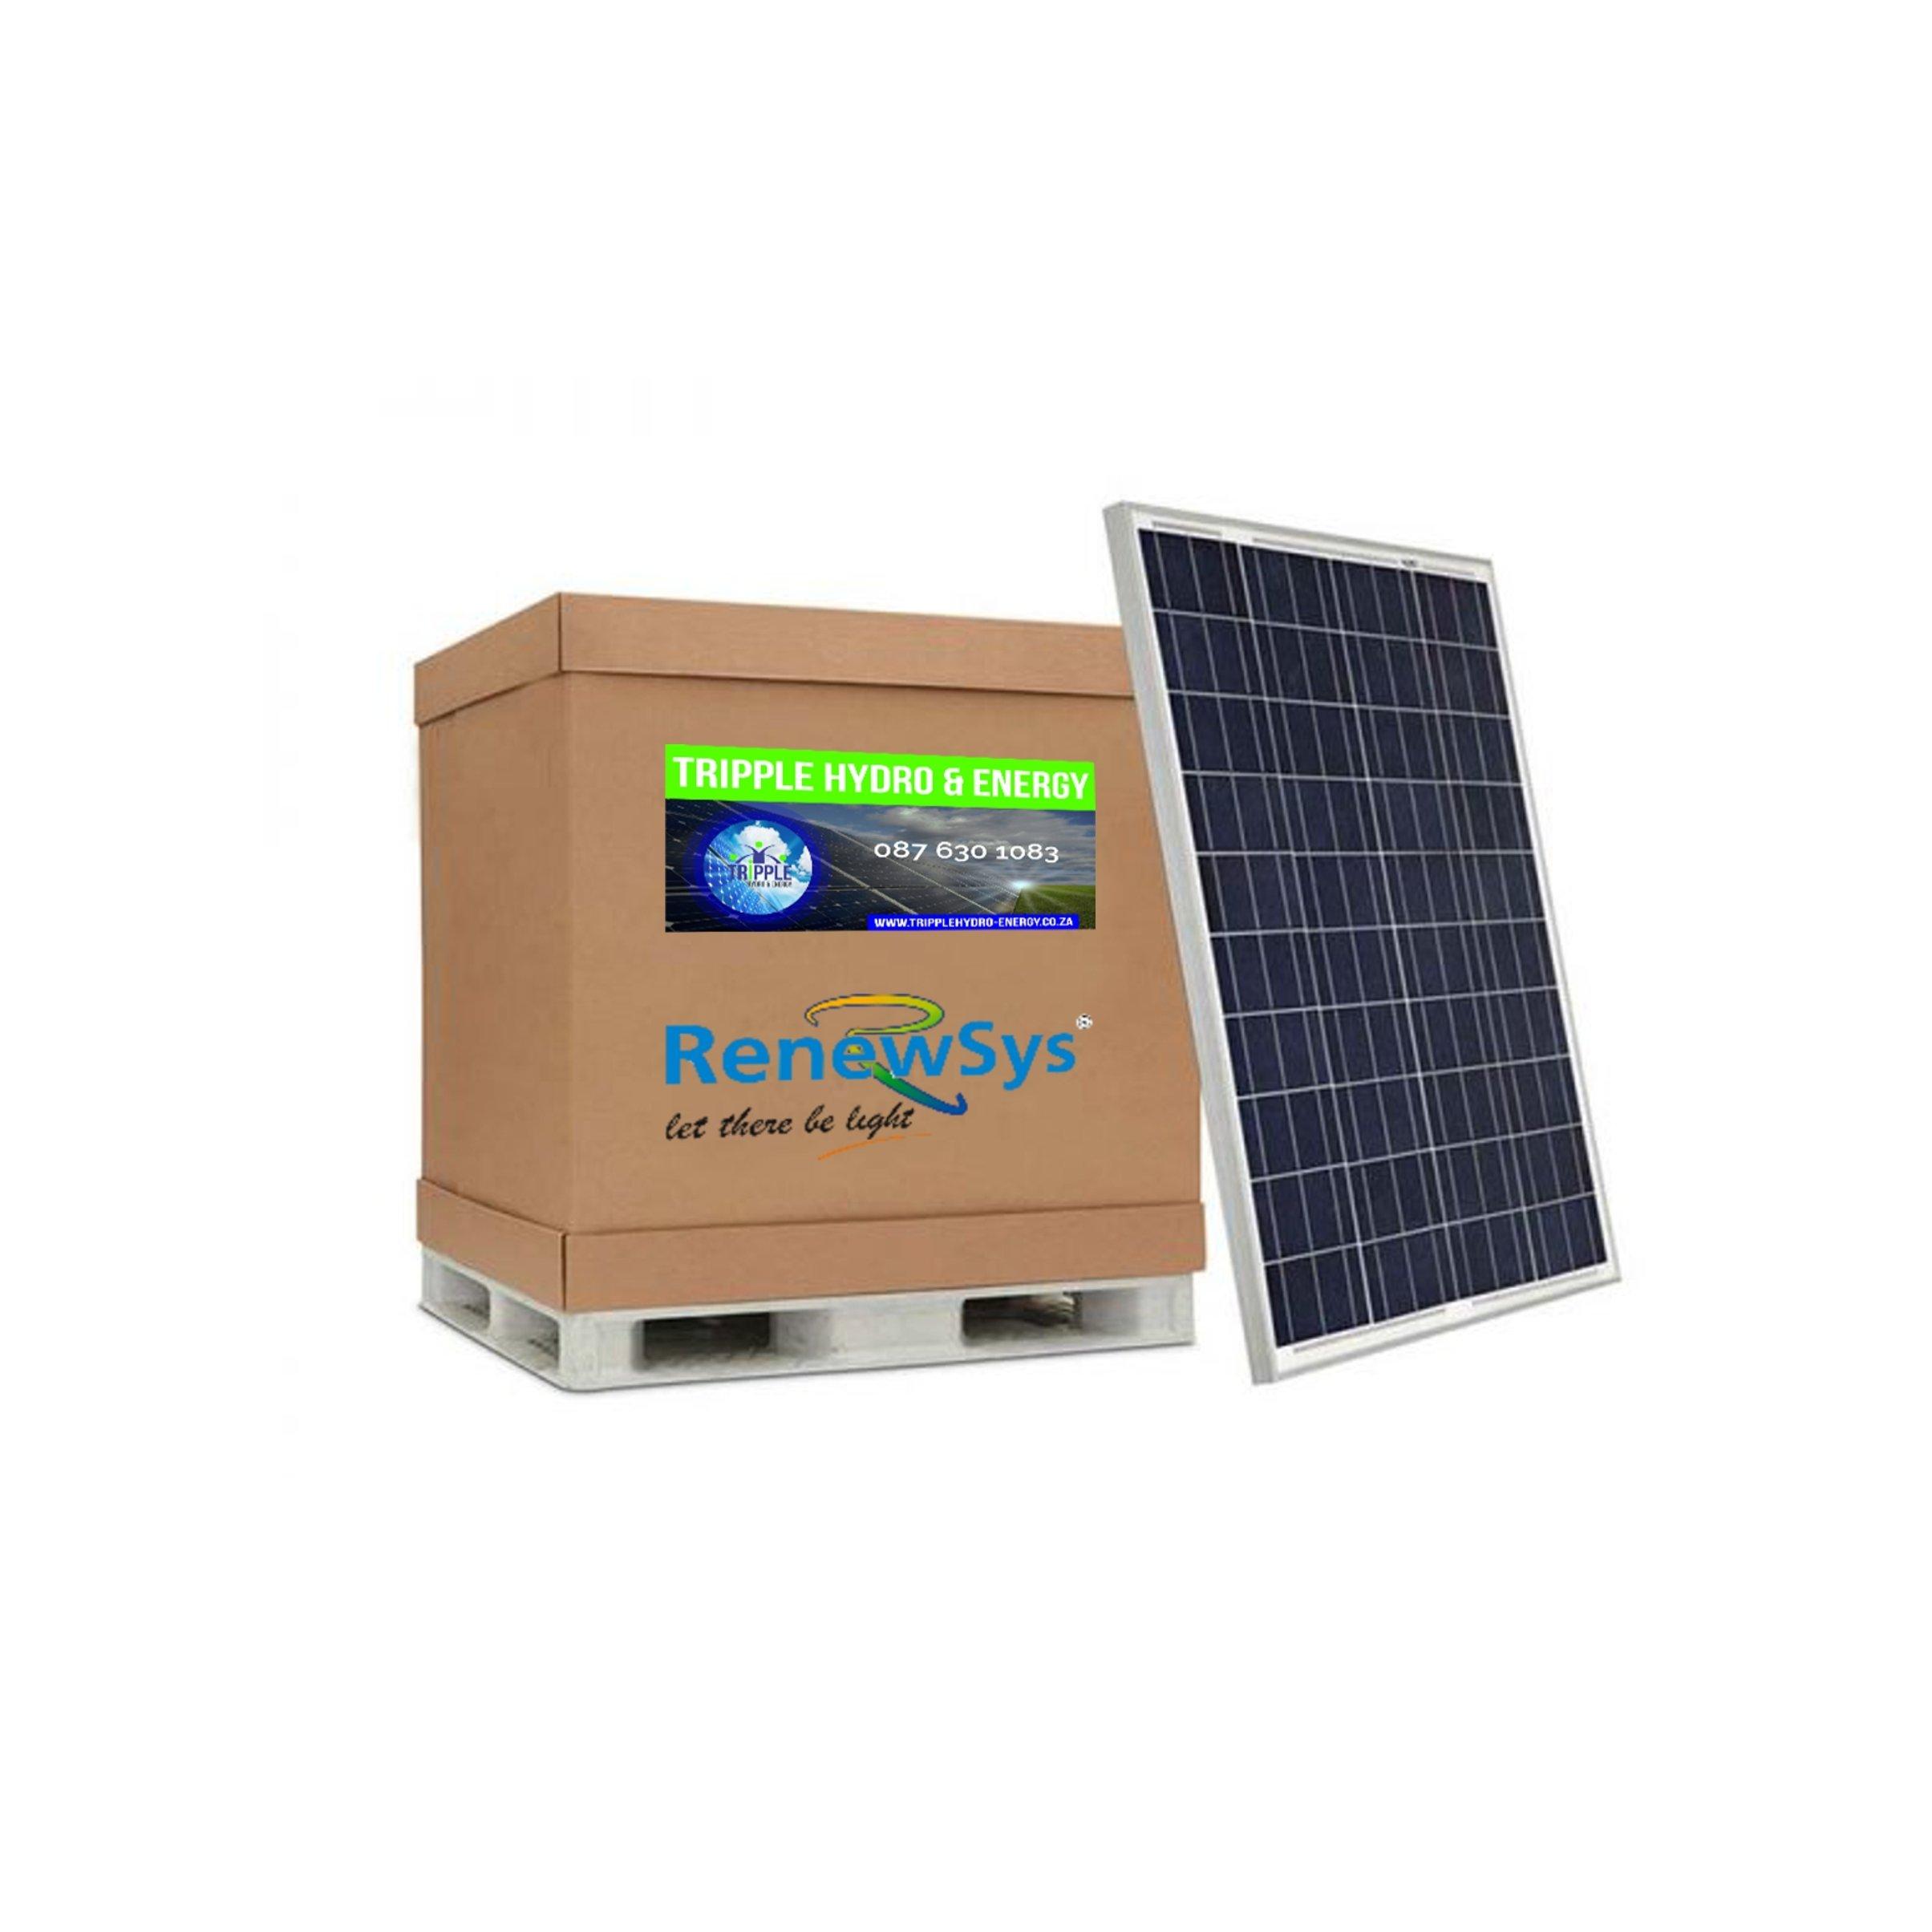 Renewsys 100 Watt Solar Panel (Pallet of 28) (R7.64/Watt excl Vat) P-REN-100W PC-28